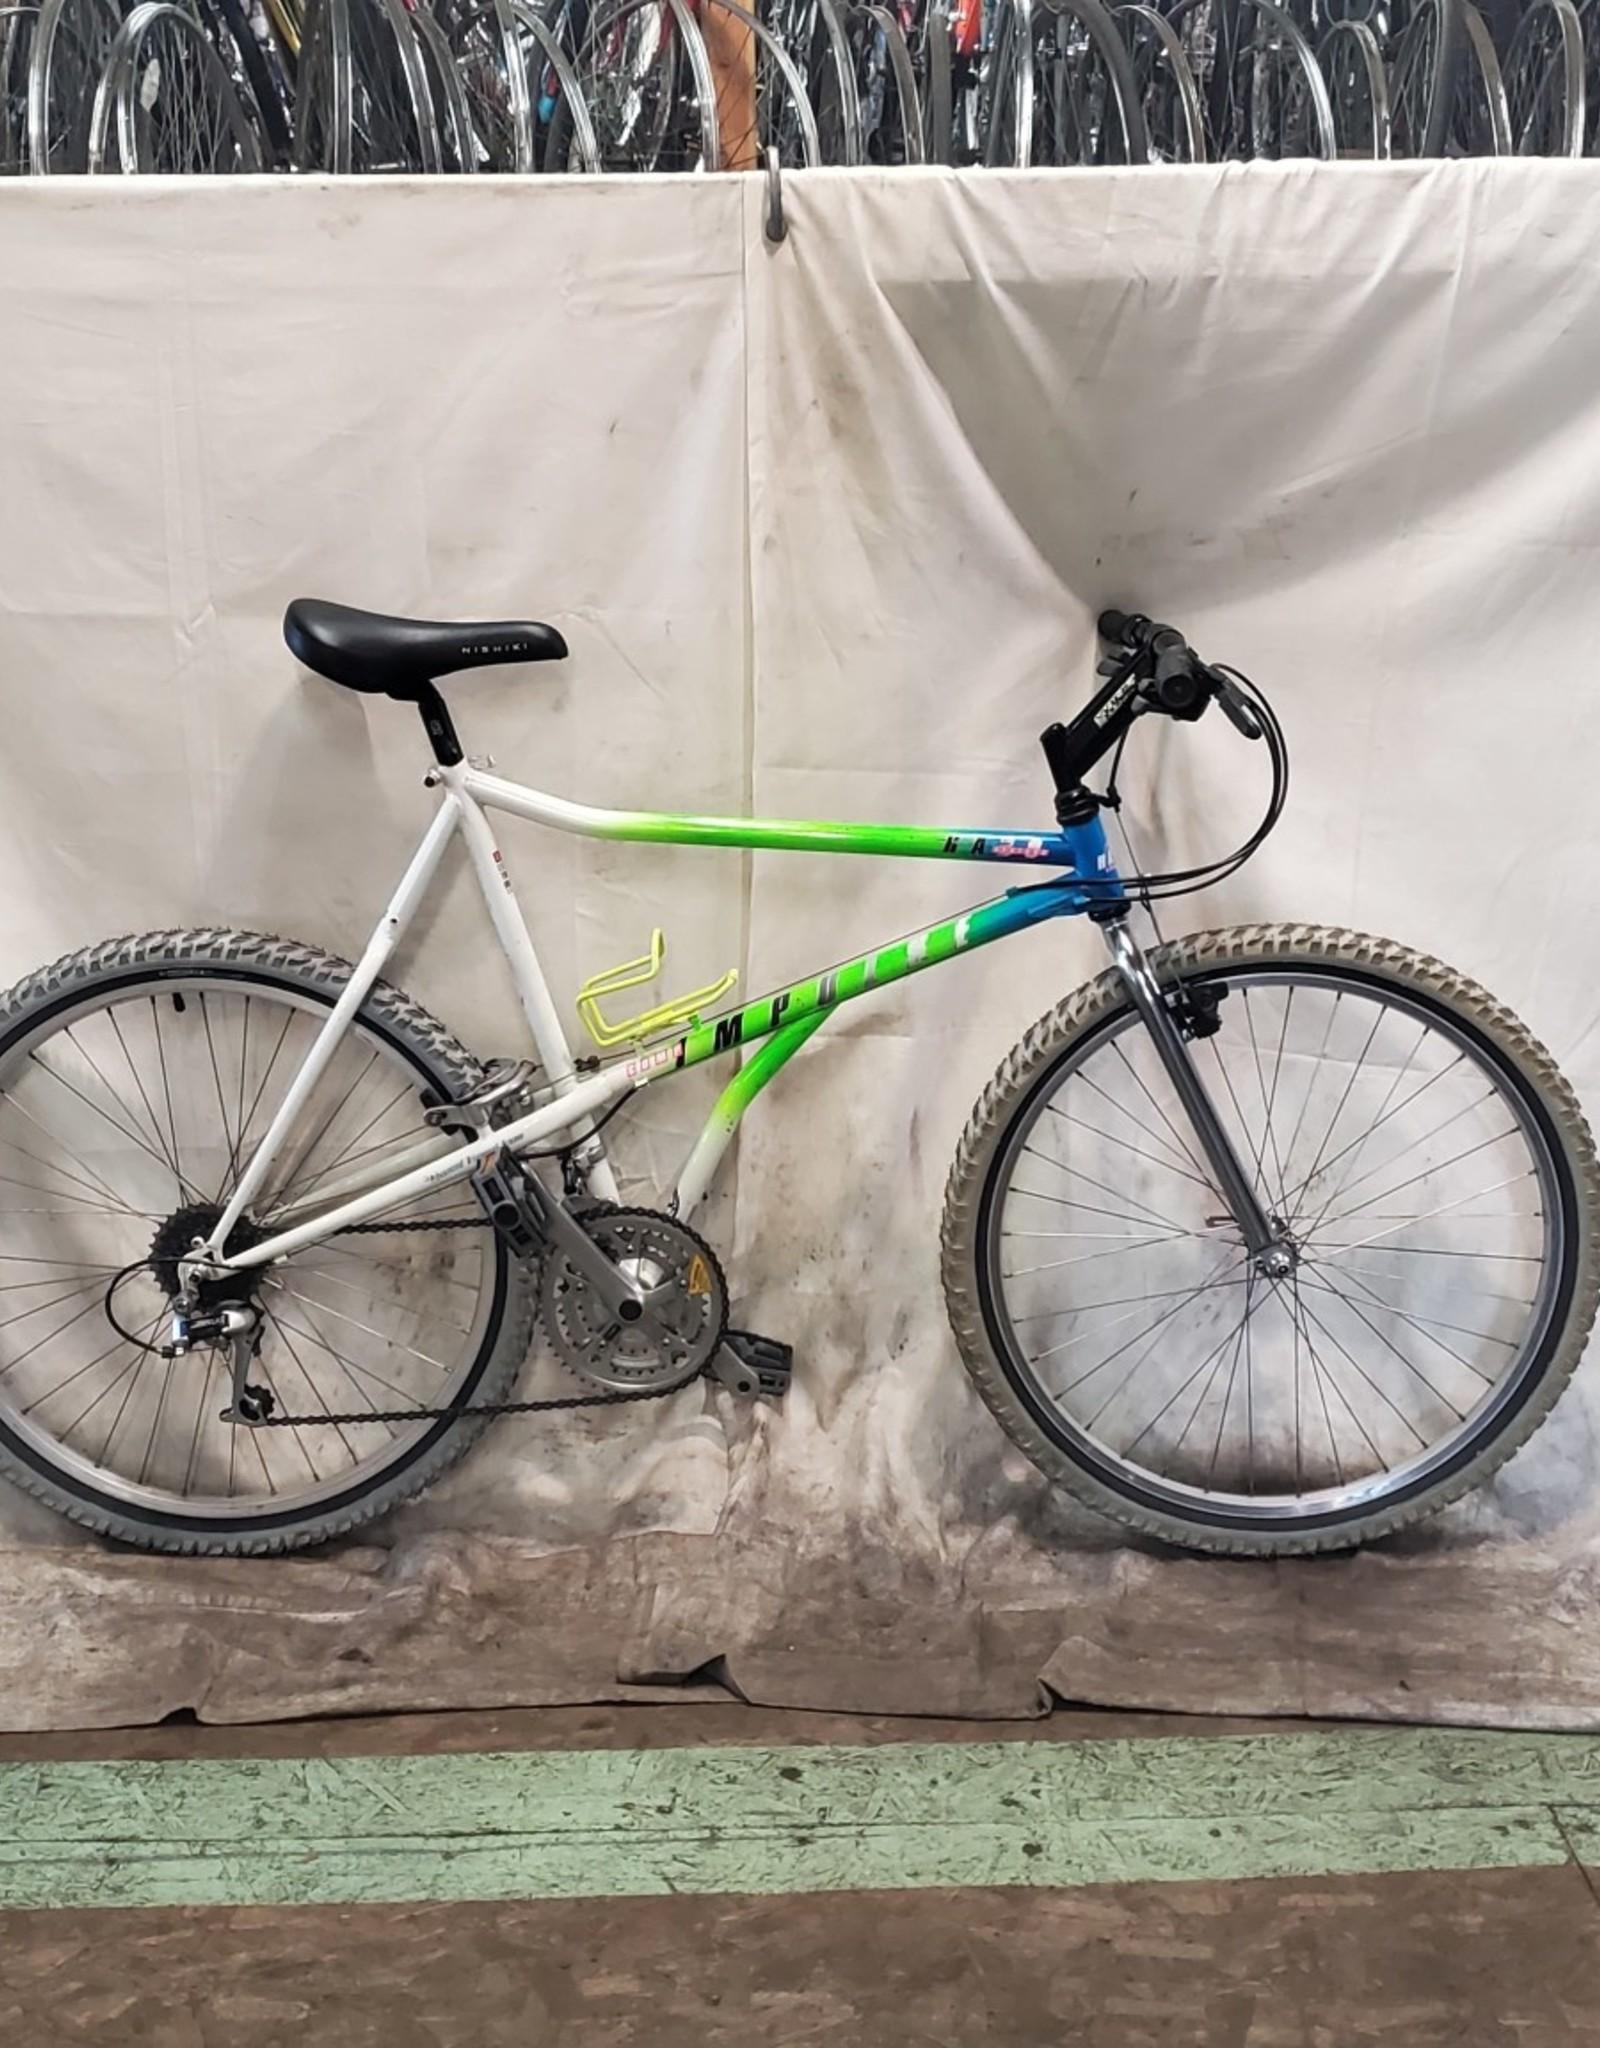 55cm Haro Impulse (9010 K2U)